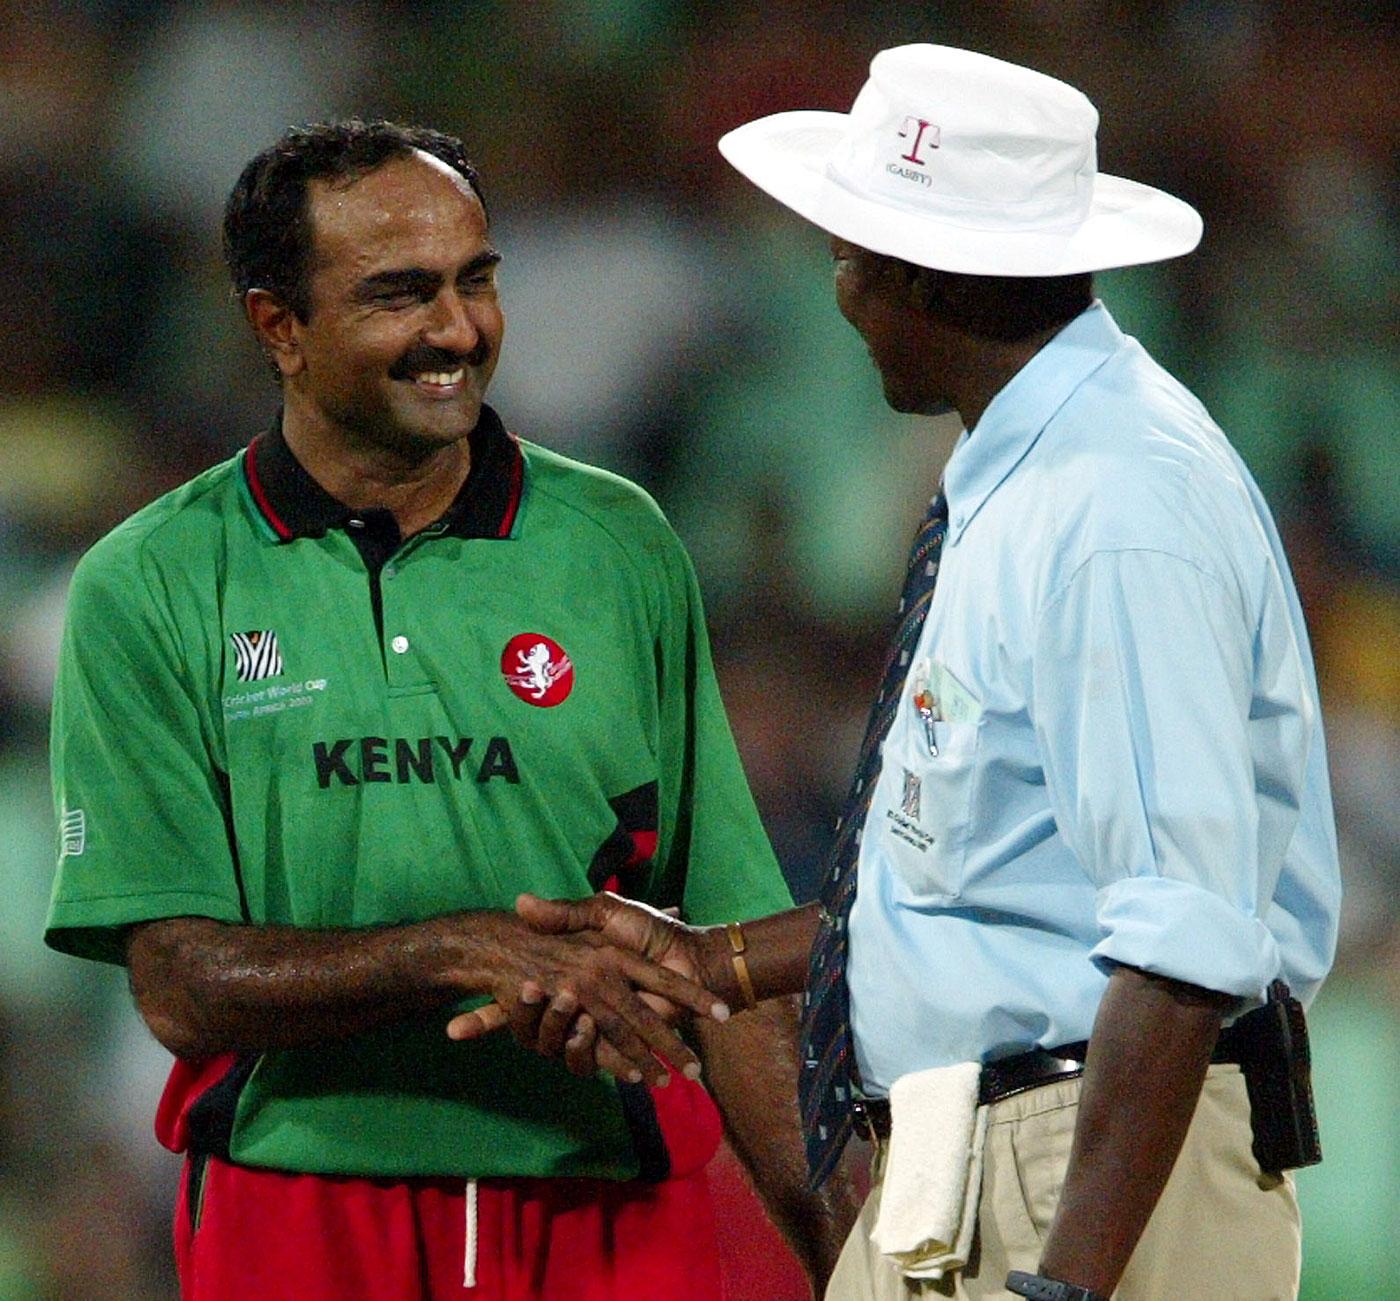 यह दिग्गज खिलाड़ी क्रिकेट और टेनिस दोनों खेल चुका है अपने राष्ट्रीय टीमों के लिए 1